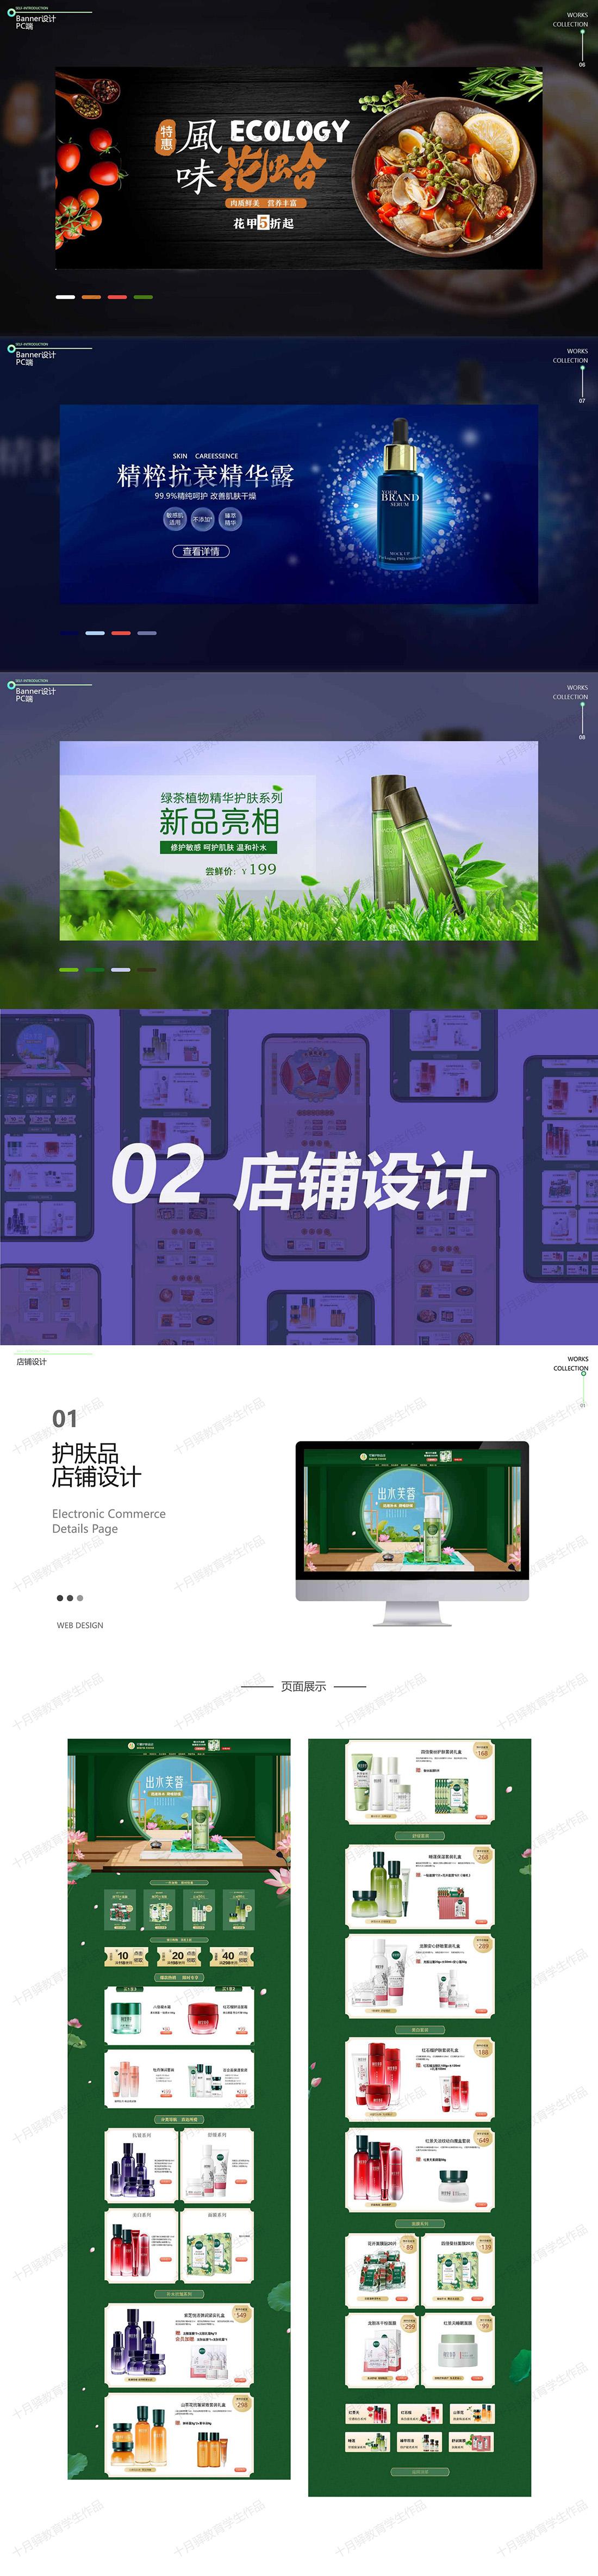 排列作品集最終壓 2101王美 麥肯醫療5000+_01.jpg